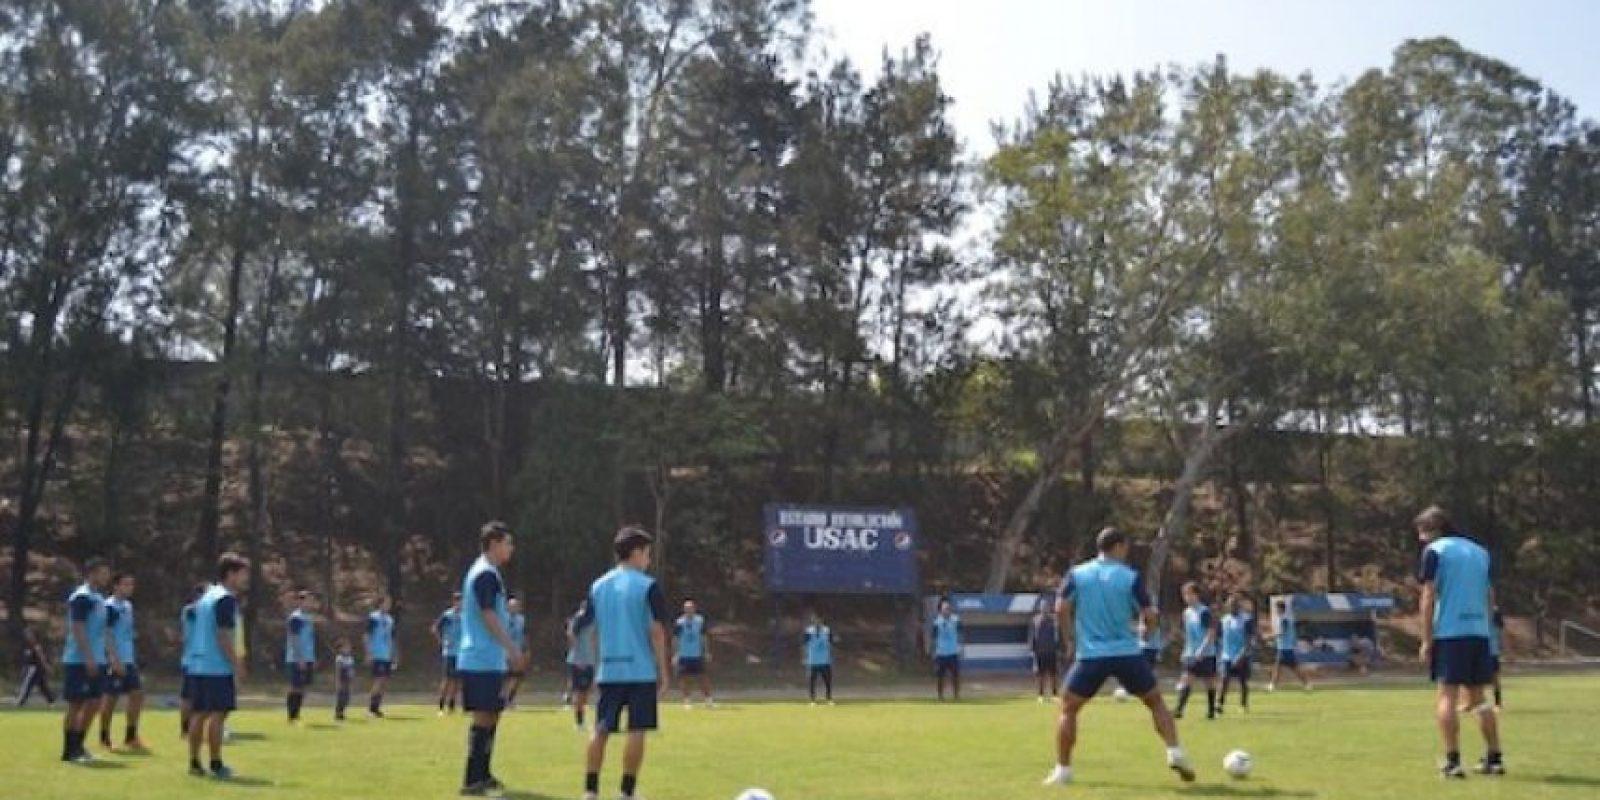 El equipo de futbol, que lleva el mismo nombre, durante un entrenamiento. Foto:Juan José López Torres